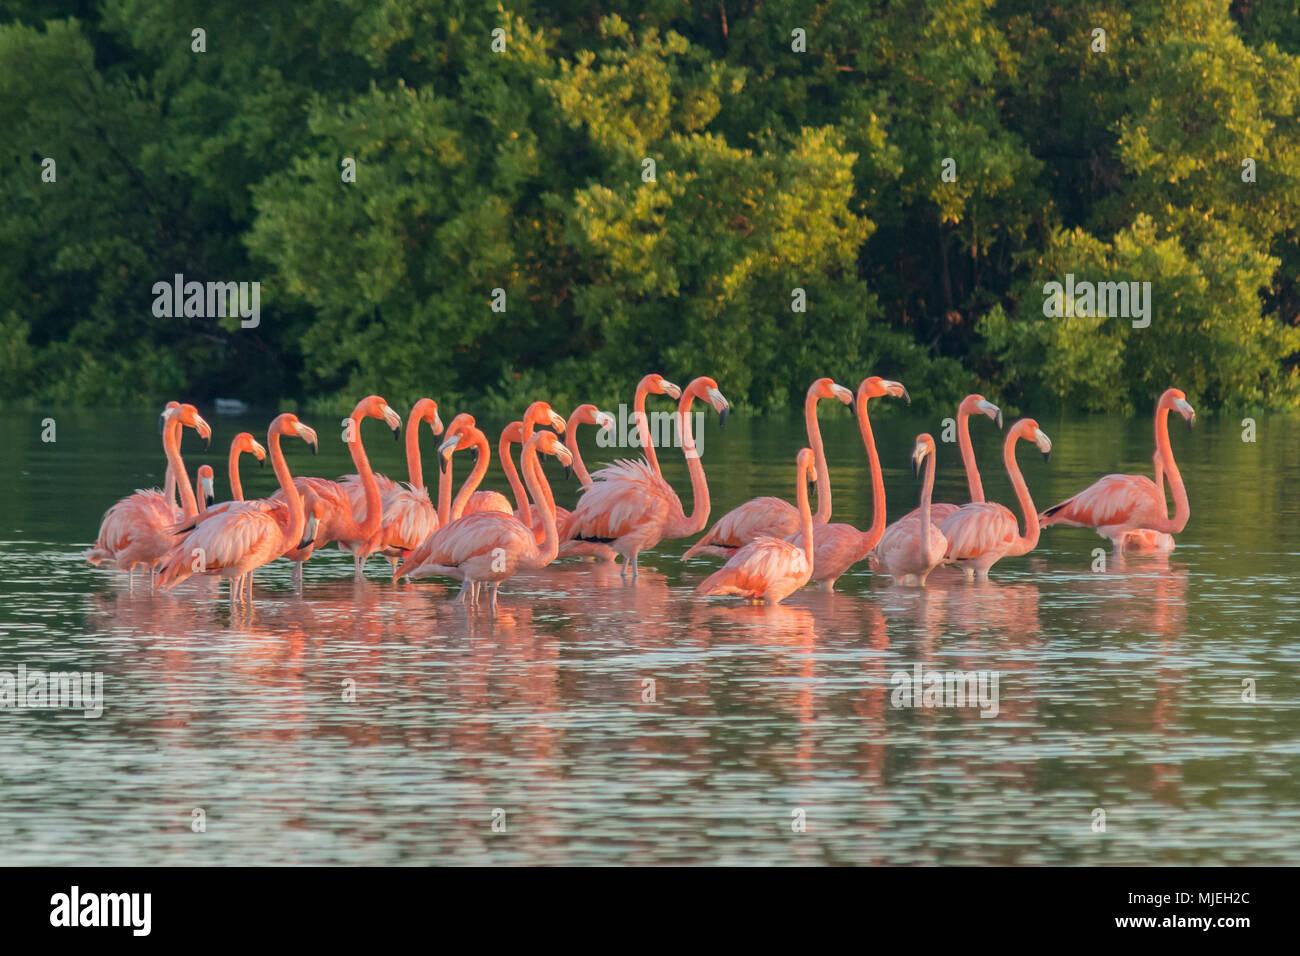 Familia de flamencos rosas al amanecer. Flamencos rosados se reúnen al amanecer, antes de salir para comenzar su día en el río Imagen De Stock